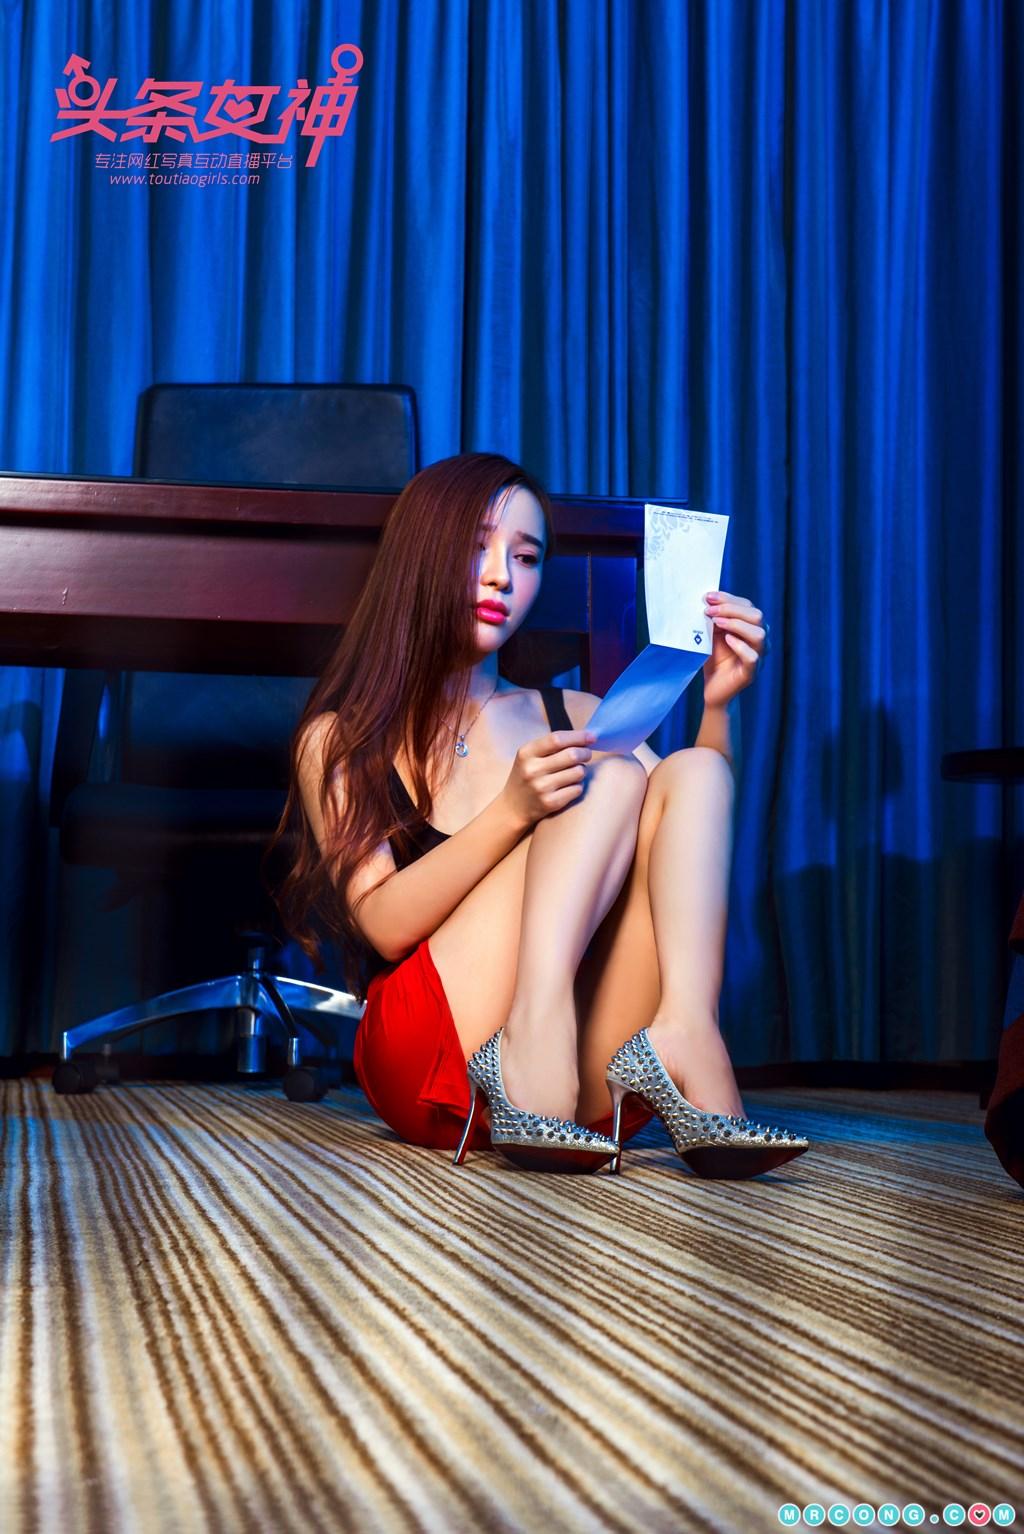 Image TouTiao-2017-12-16-Ai-Xiao-Qing-MrCong.com-010 in post TouTiao 2017-12-16: Người mẫu Ai Xiao Qing (艾小青) (32 ảnh)